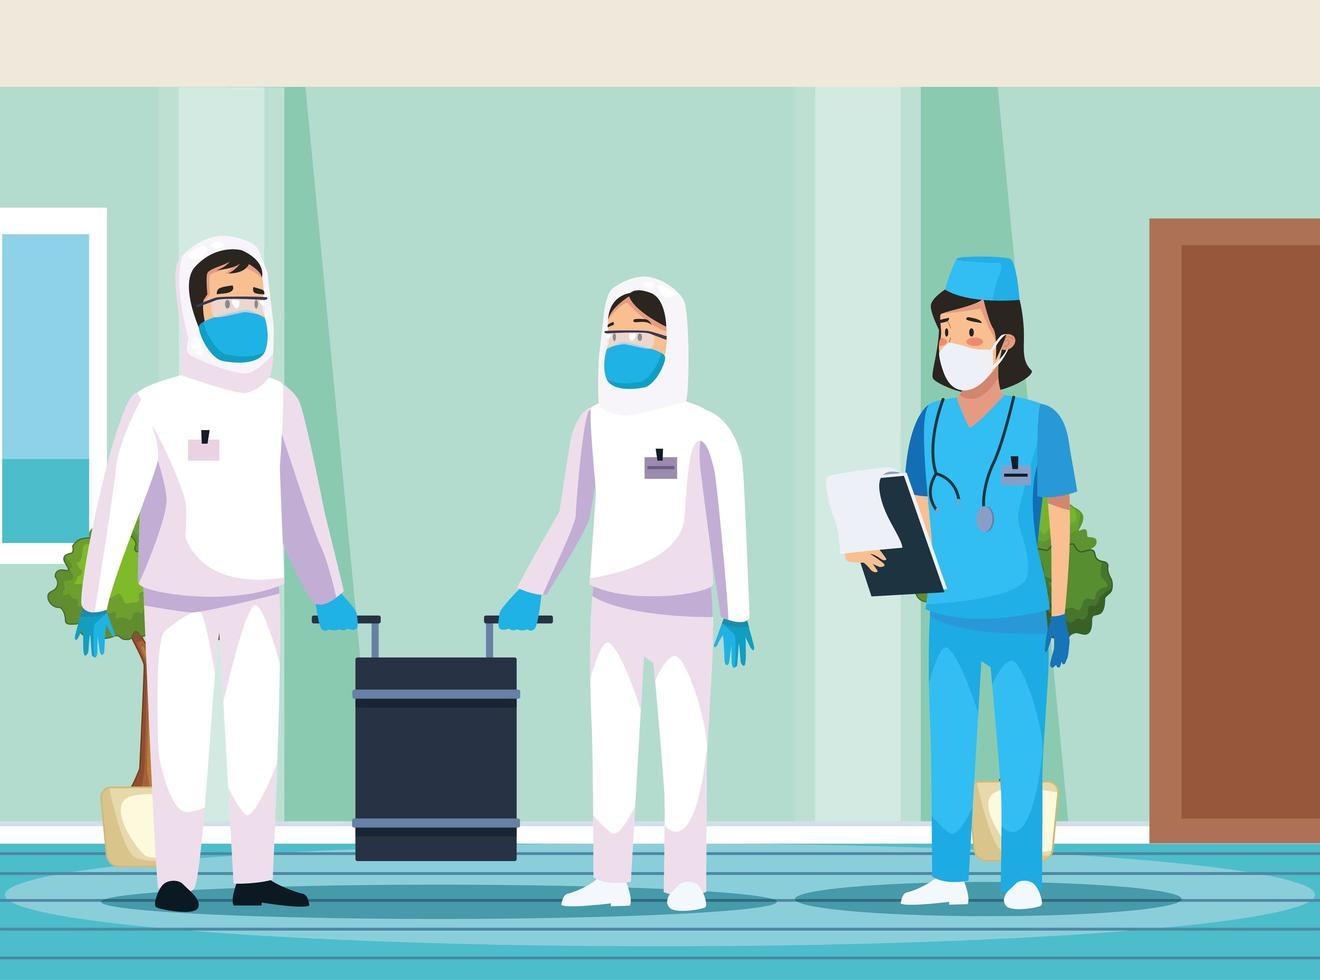 Personen mit Biohazard-Reinigung und Krankenschwester im Krankenhaus vektor